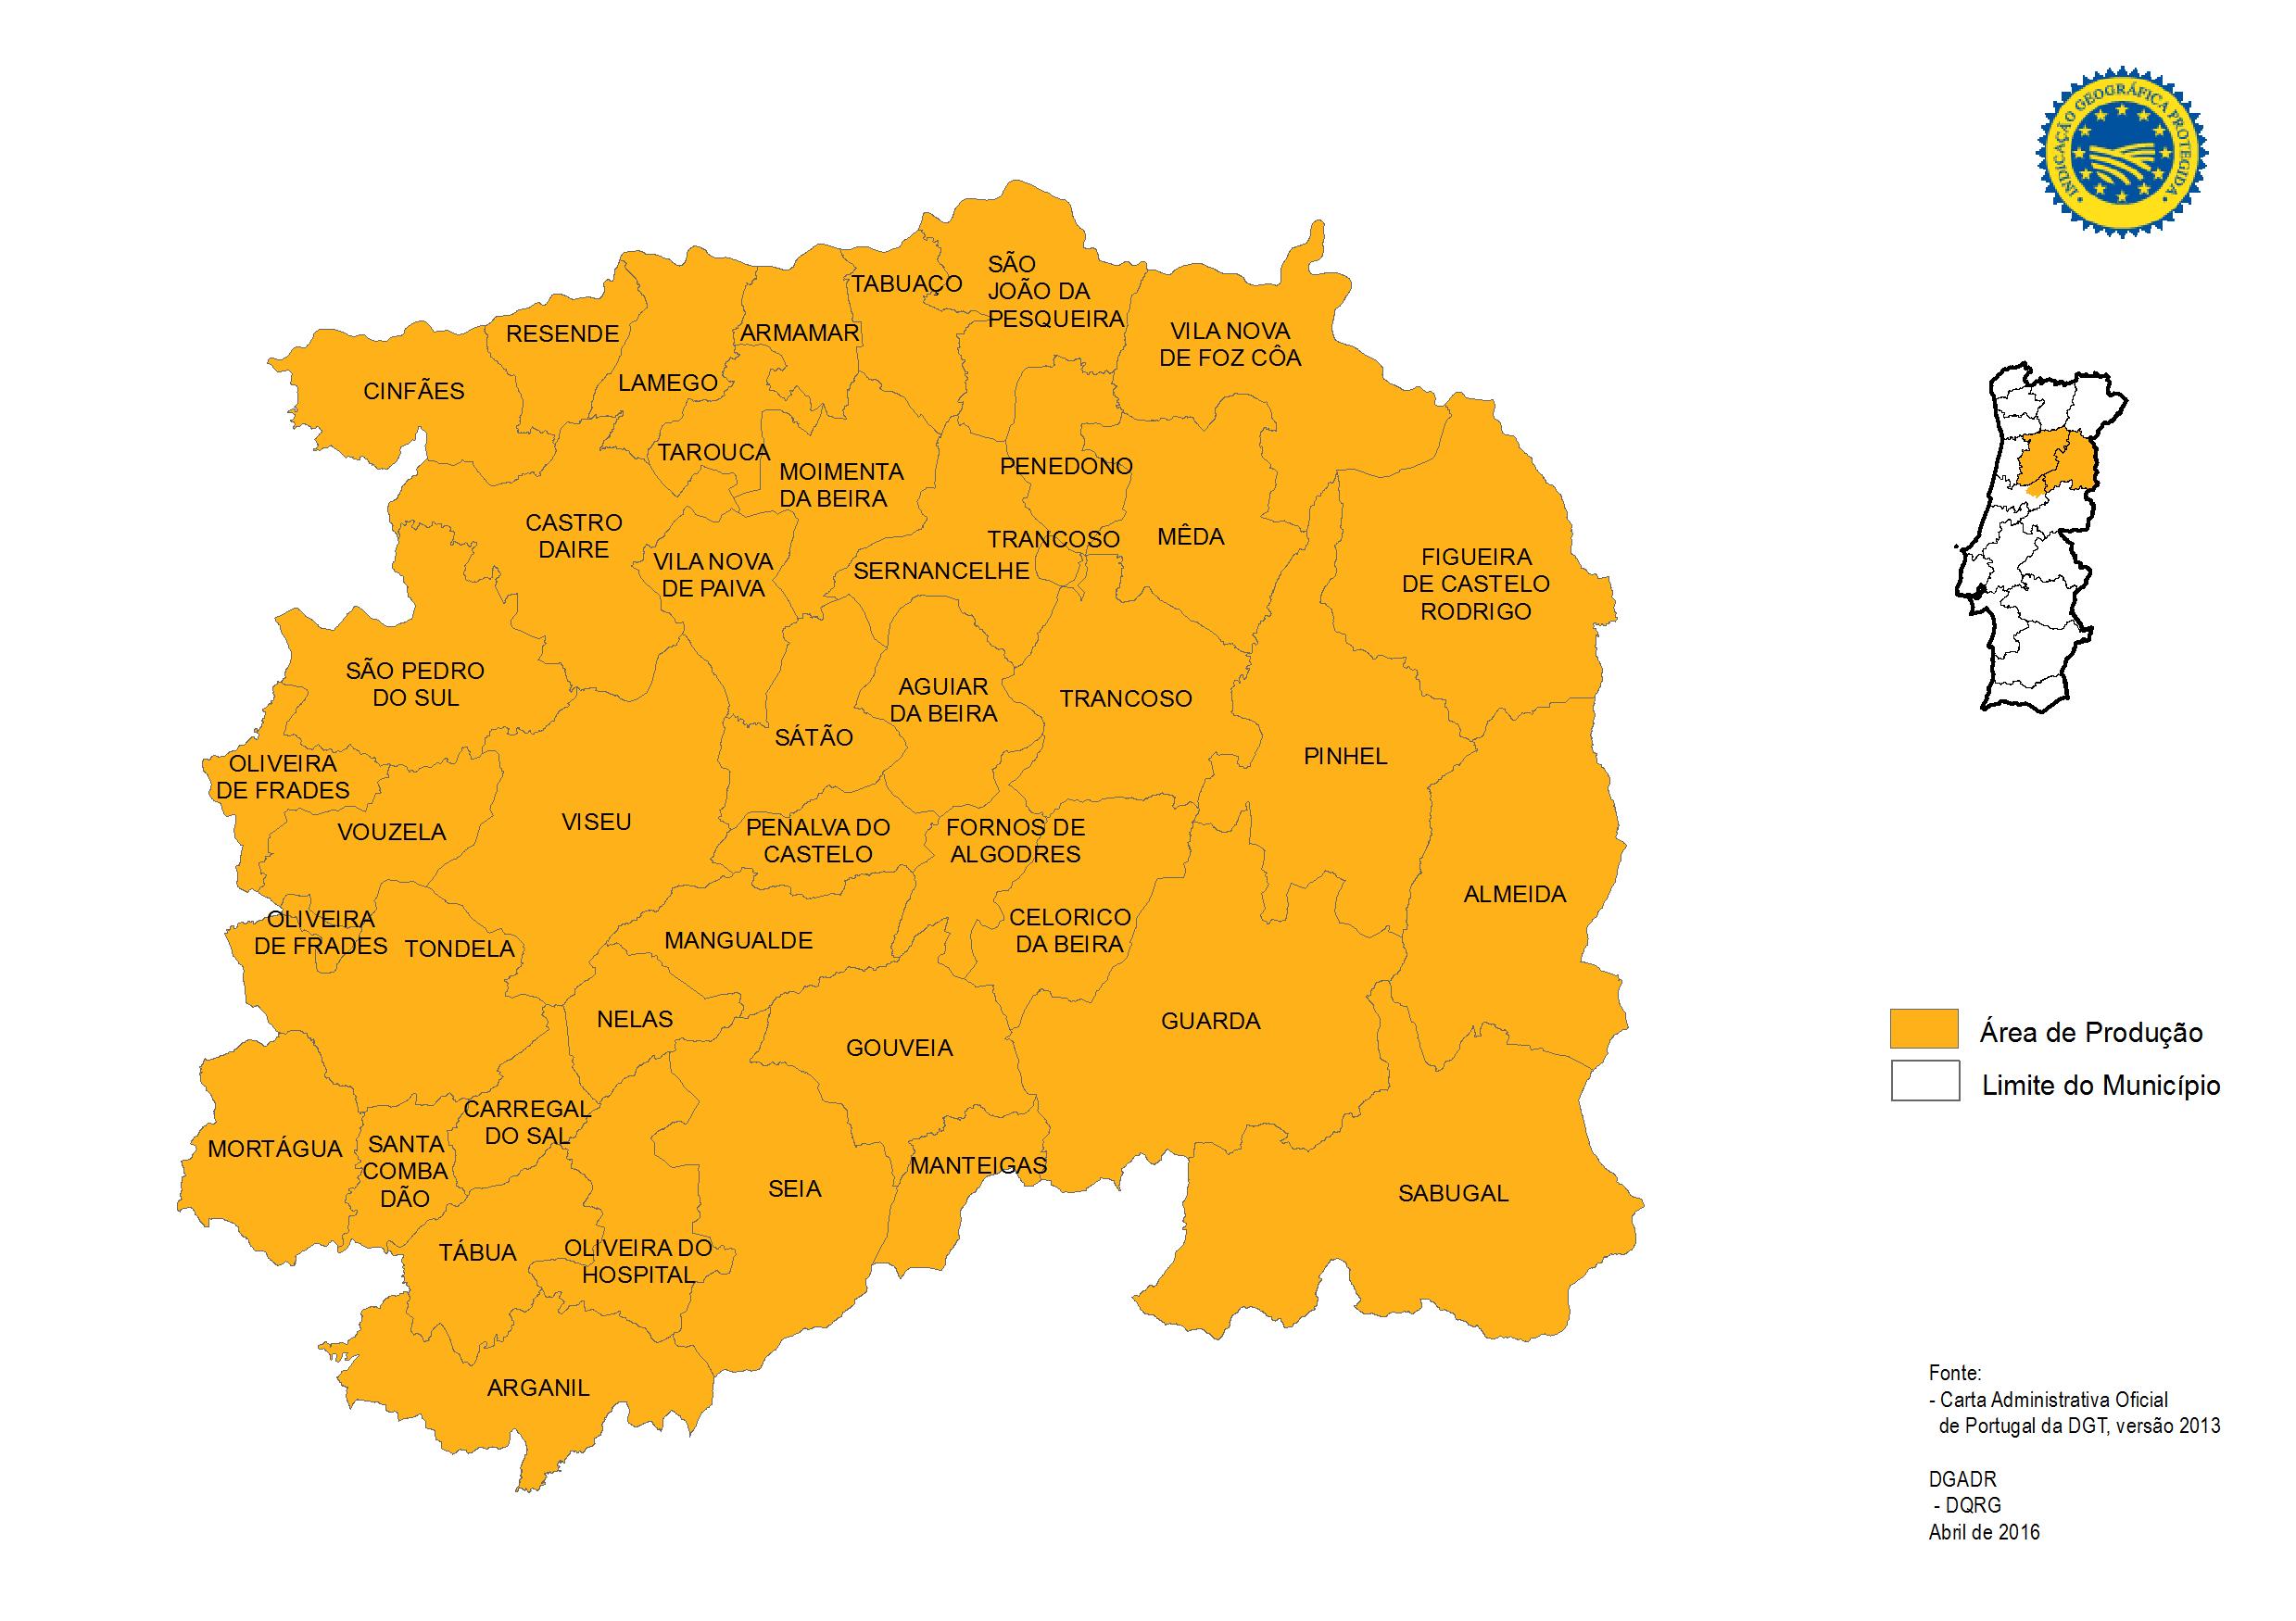 beira alta mapa Produtos Tradicionais Portugueses   Maçã da Beira Alta IGP beira alta mapa